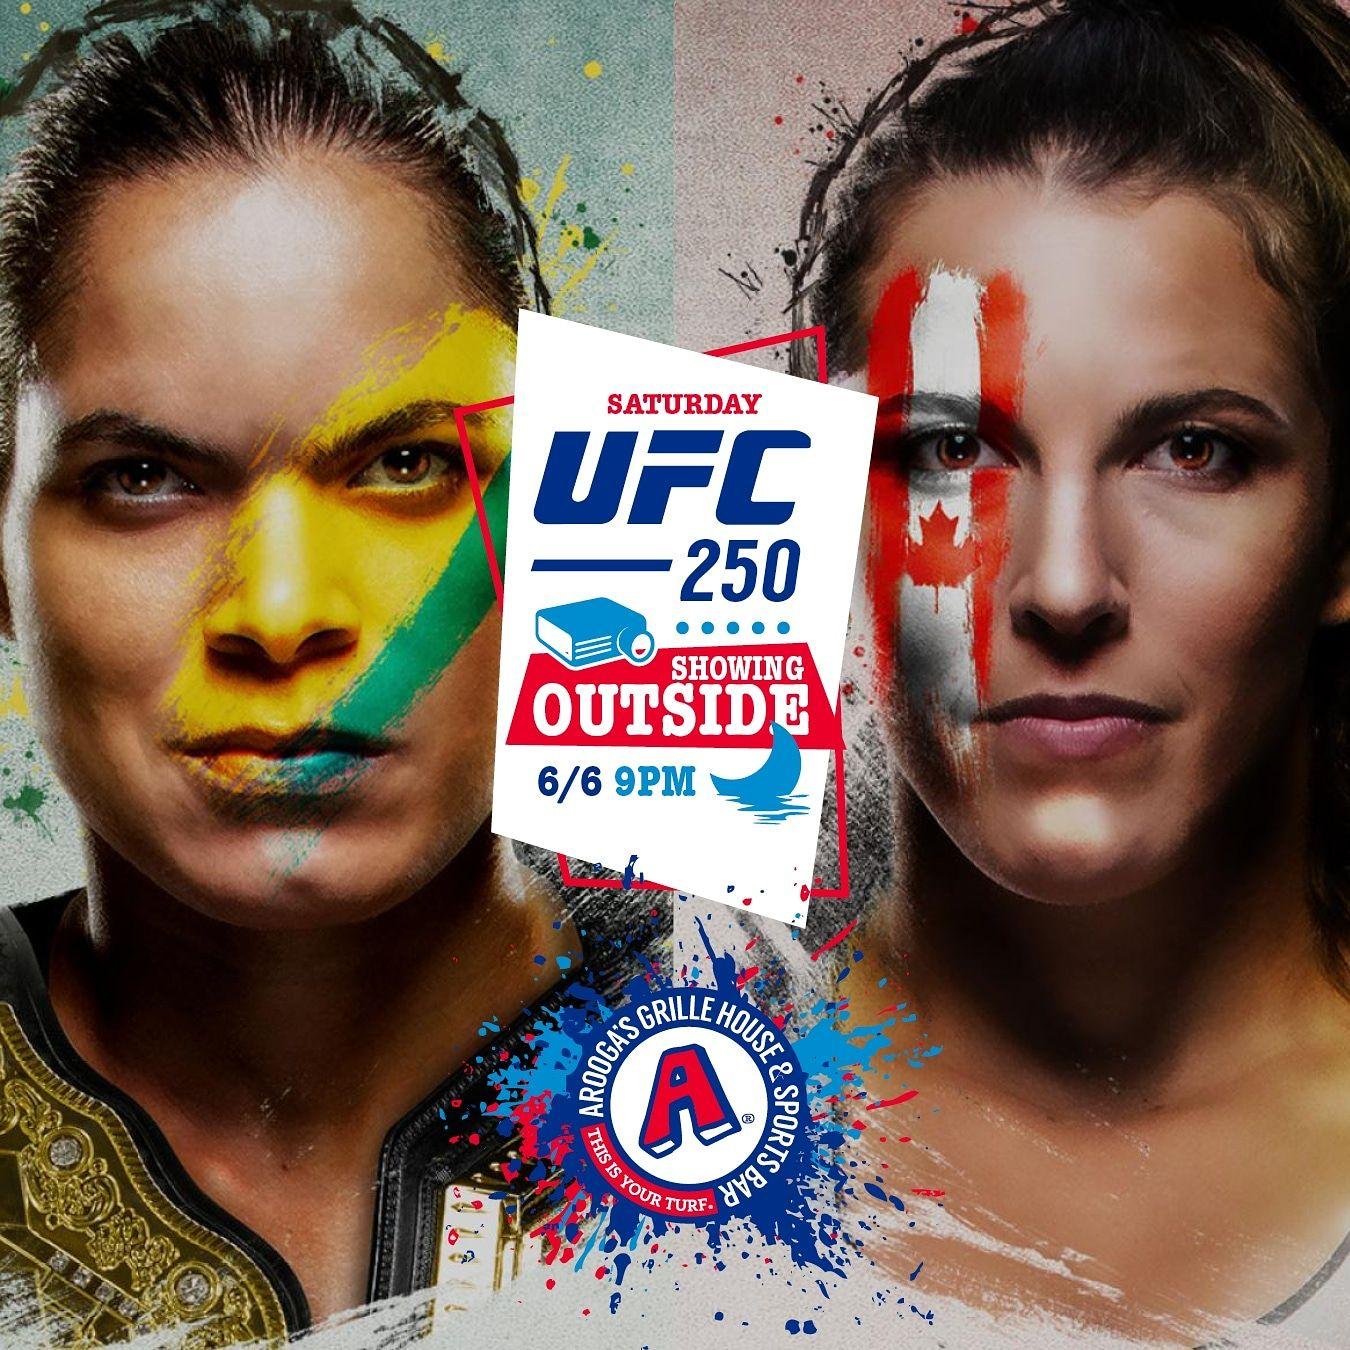 Le Grille House et le bar des sports d'Arooga montreront le style d'entraînement de l'UFC 250 de ce soir